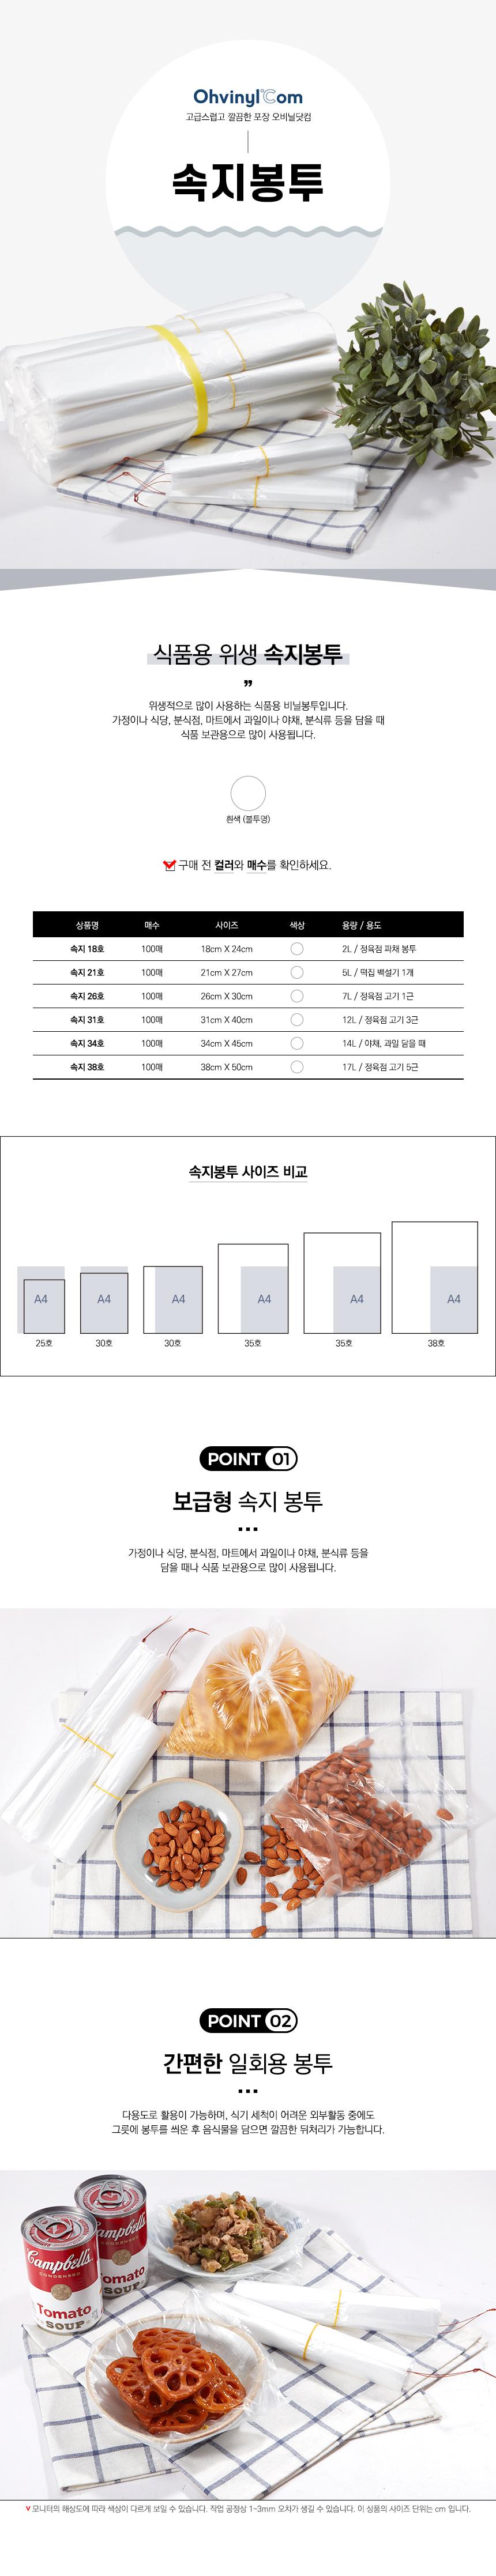 속지봉투 31호 (31x40) 흰색(불투명) 100매 - 오비닐닷컴, 960원, 음식보관, 비닐류